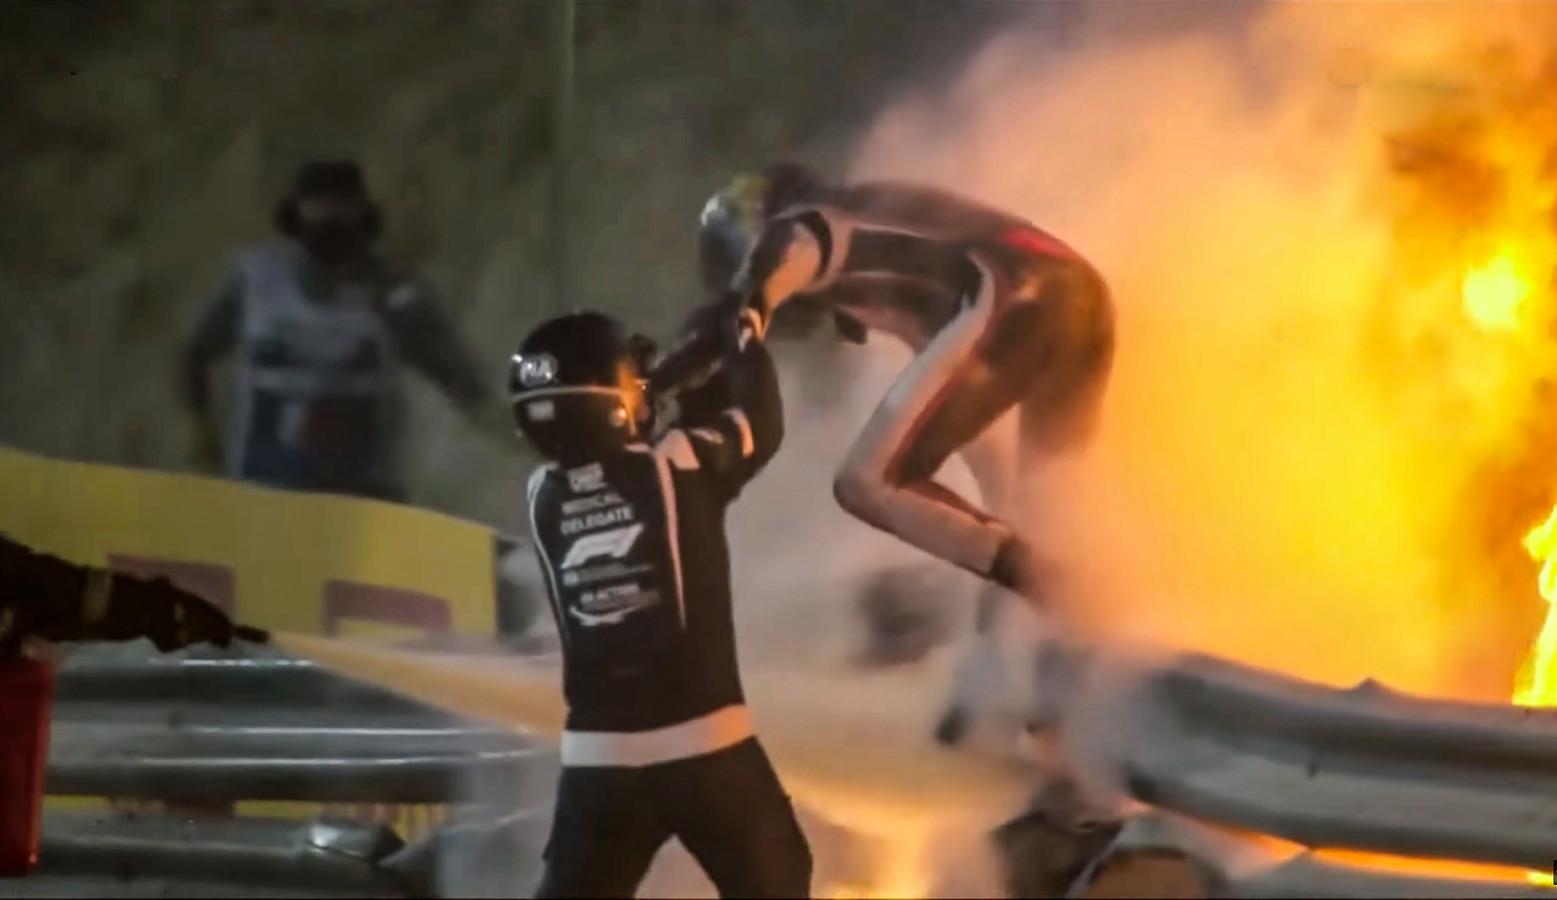 Romain Grosjean verlaat zijn zojuist in tweeën gebroken Formule 1-auto en ontsnapt uit de ontstane vlammenzee.